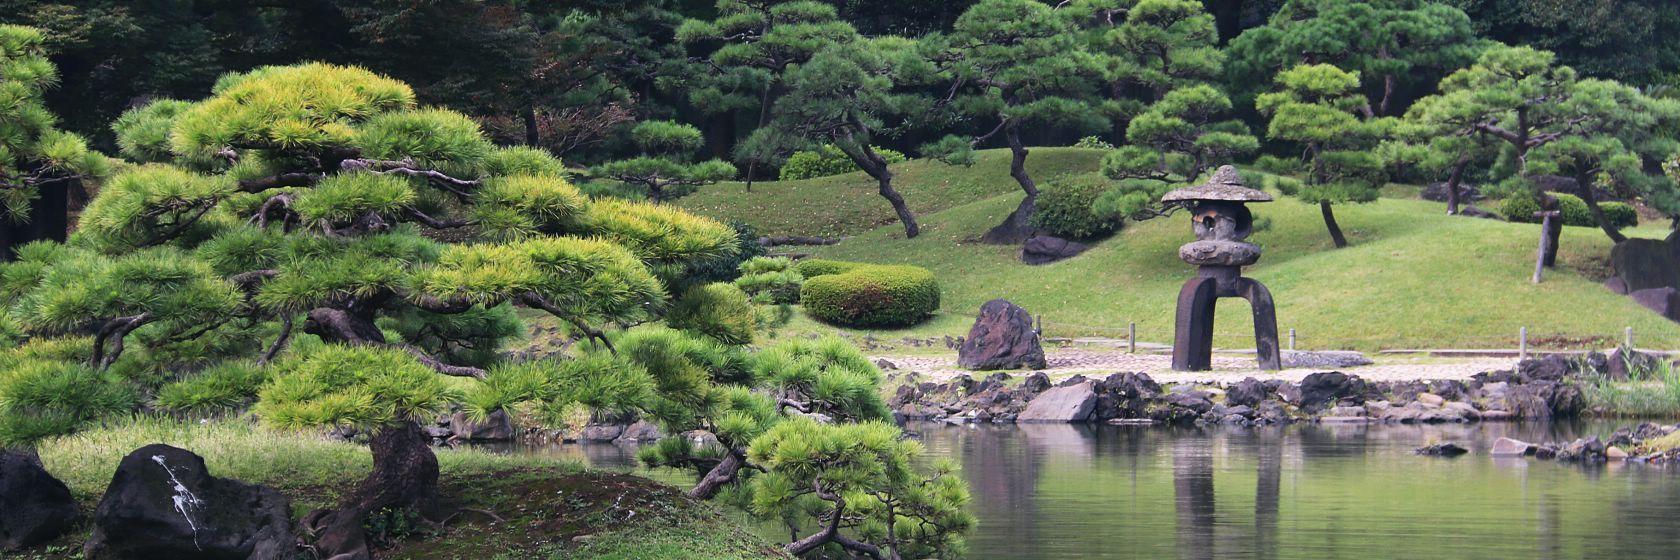 จัดสวนแบบญี่ปุ่น ธรรมชาติแห่งสัจธรรม